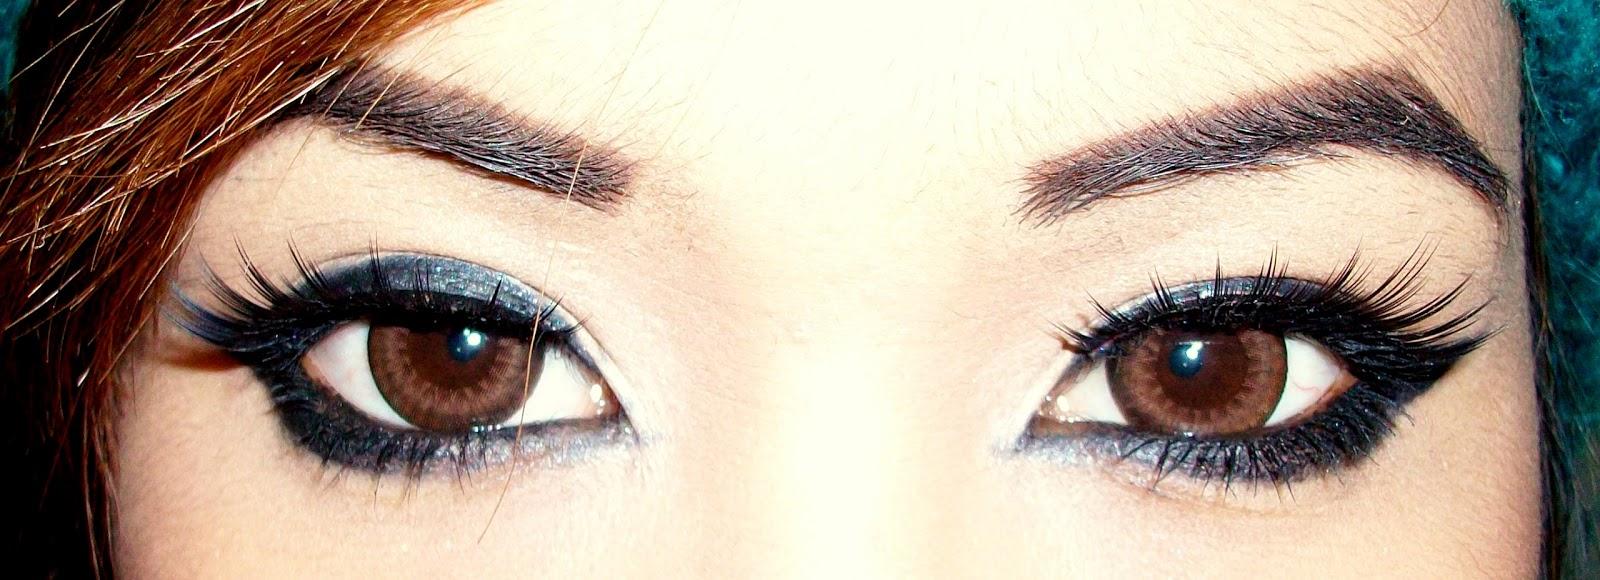 Как из карих глаз сделать голубые в 503